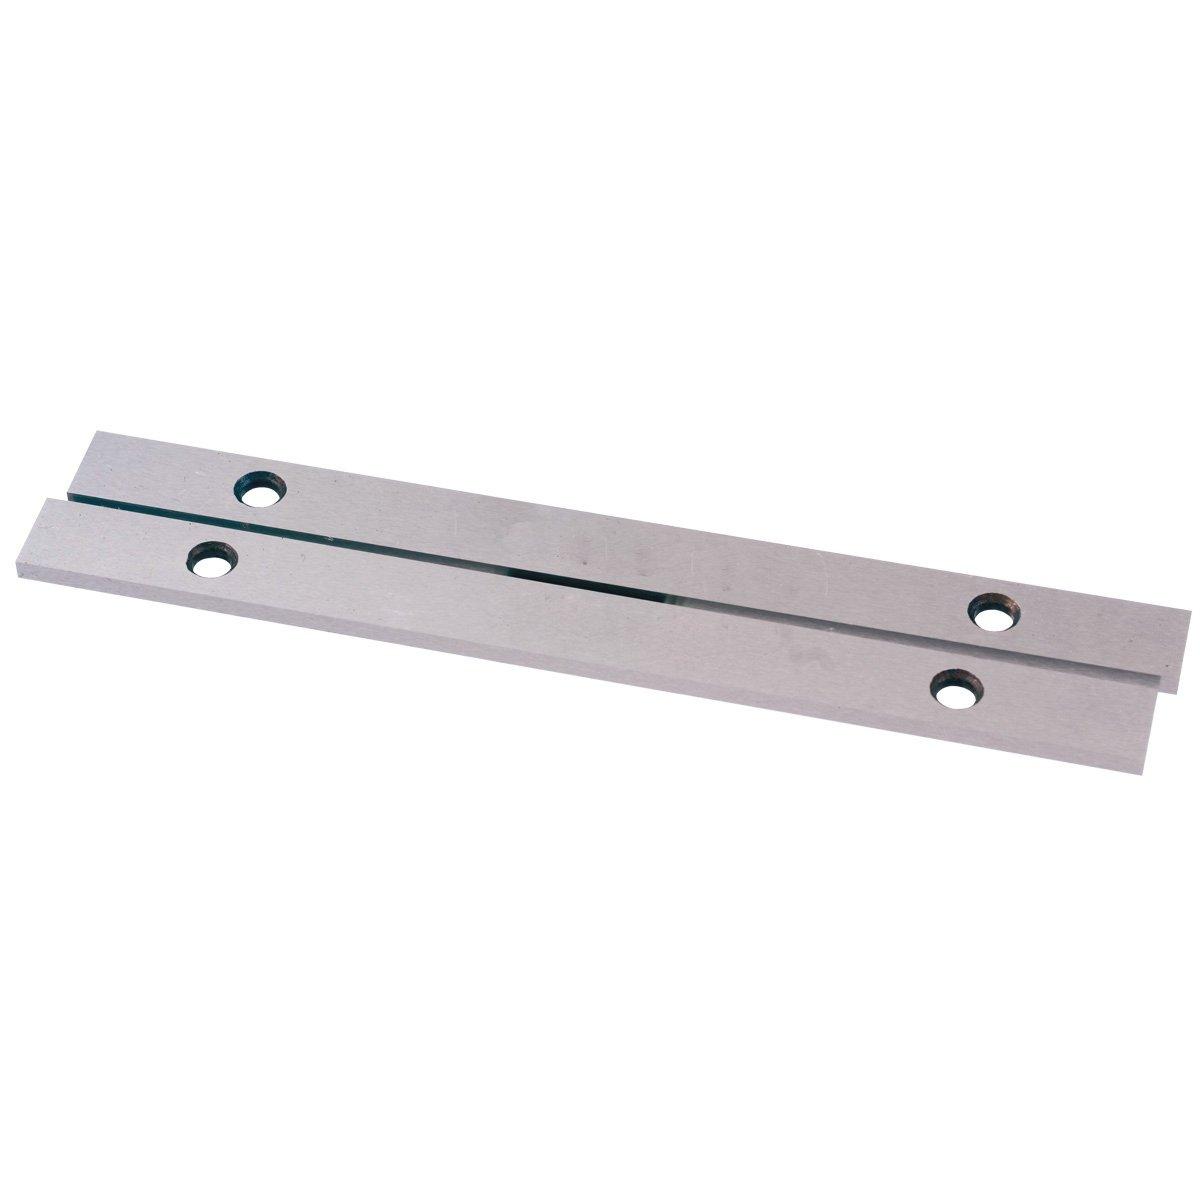 1//4 x 1//2 x 6 Steel Parallel